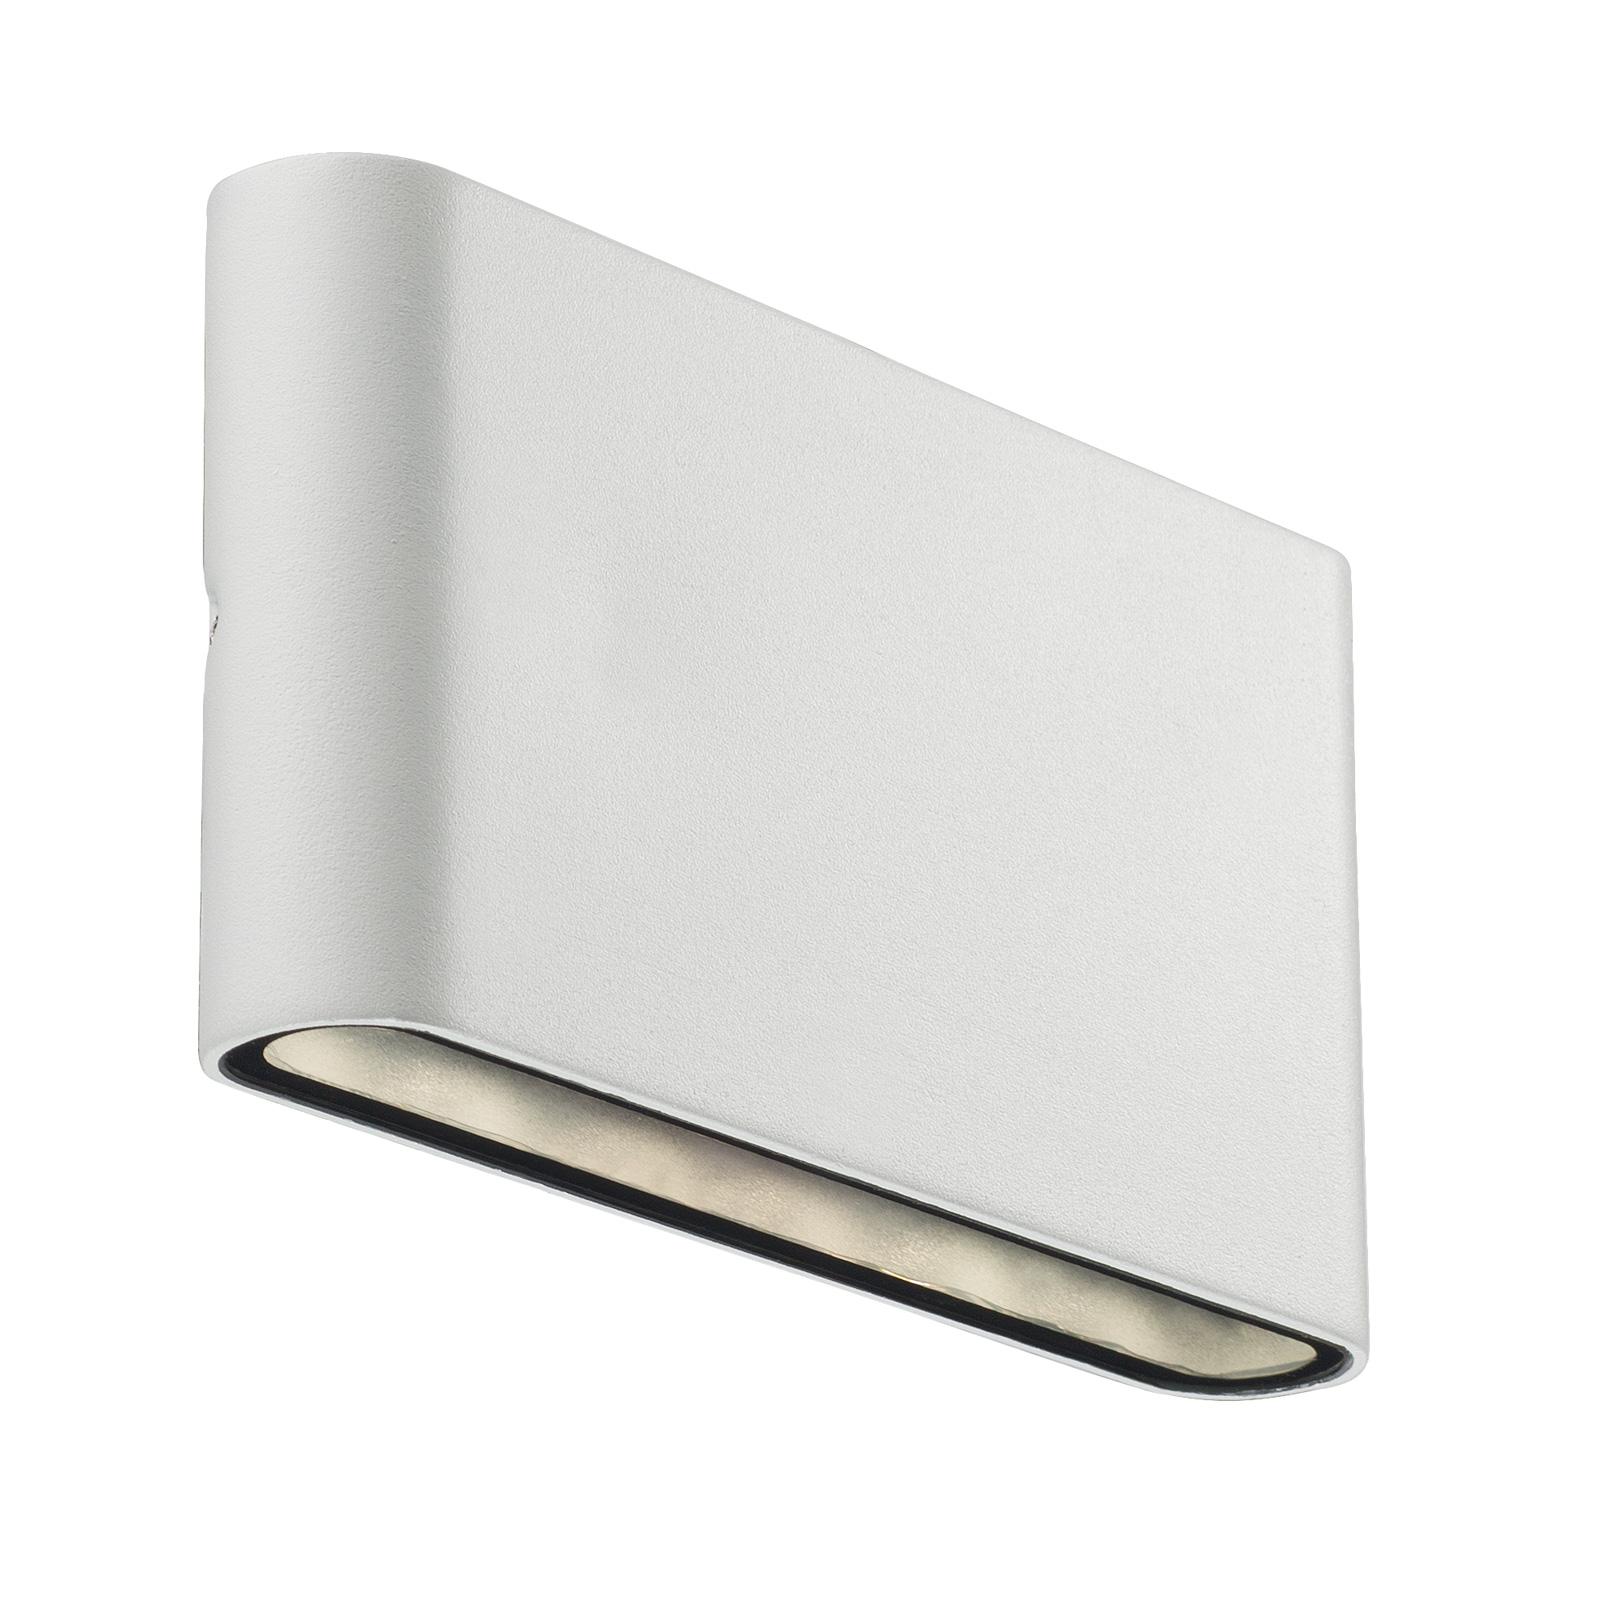 LED-Außenwandleuchte Kinver in flacher Form, weiß